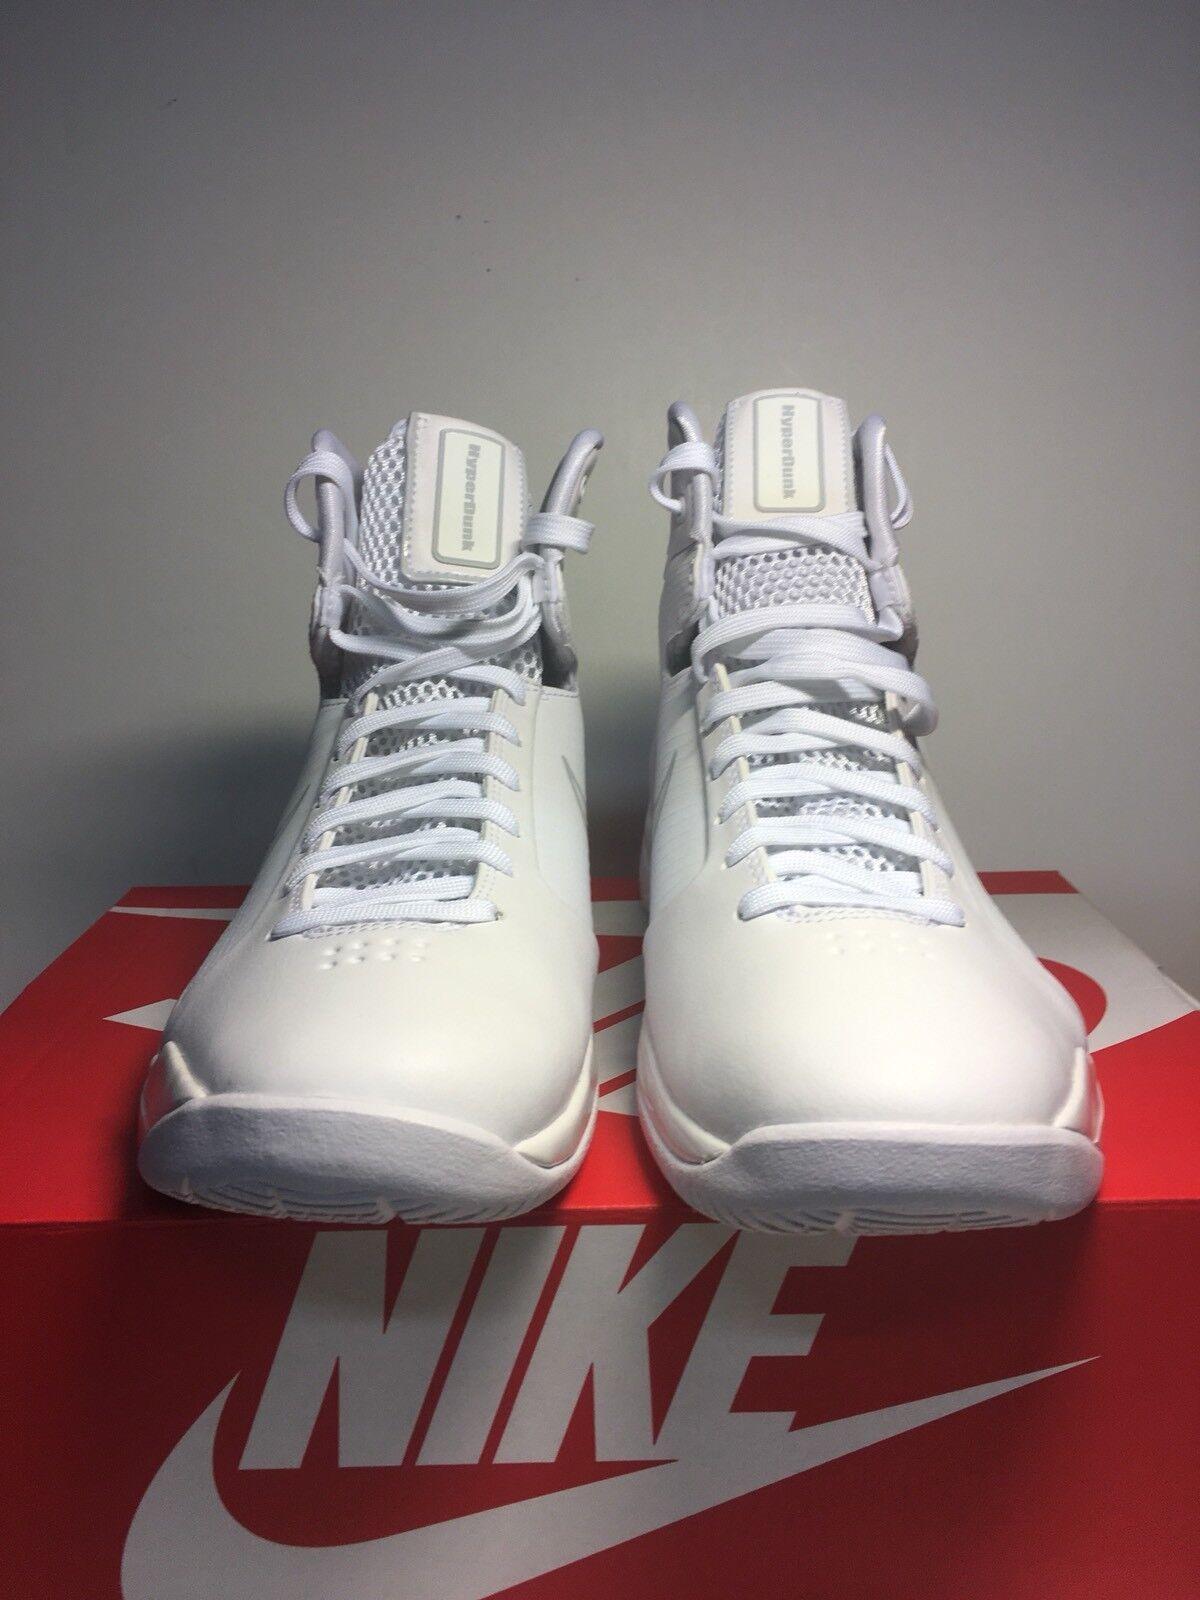 Nike air max 90 ultra - id bianco nero infrarossi og sz (810740-991)